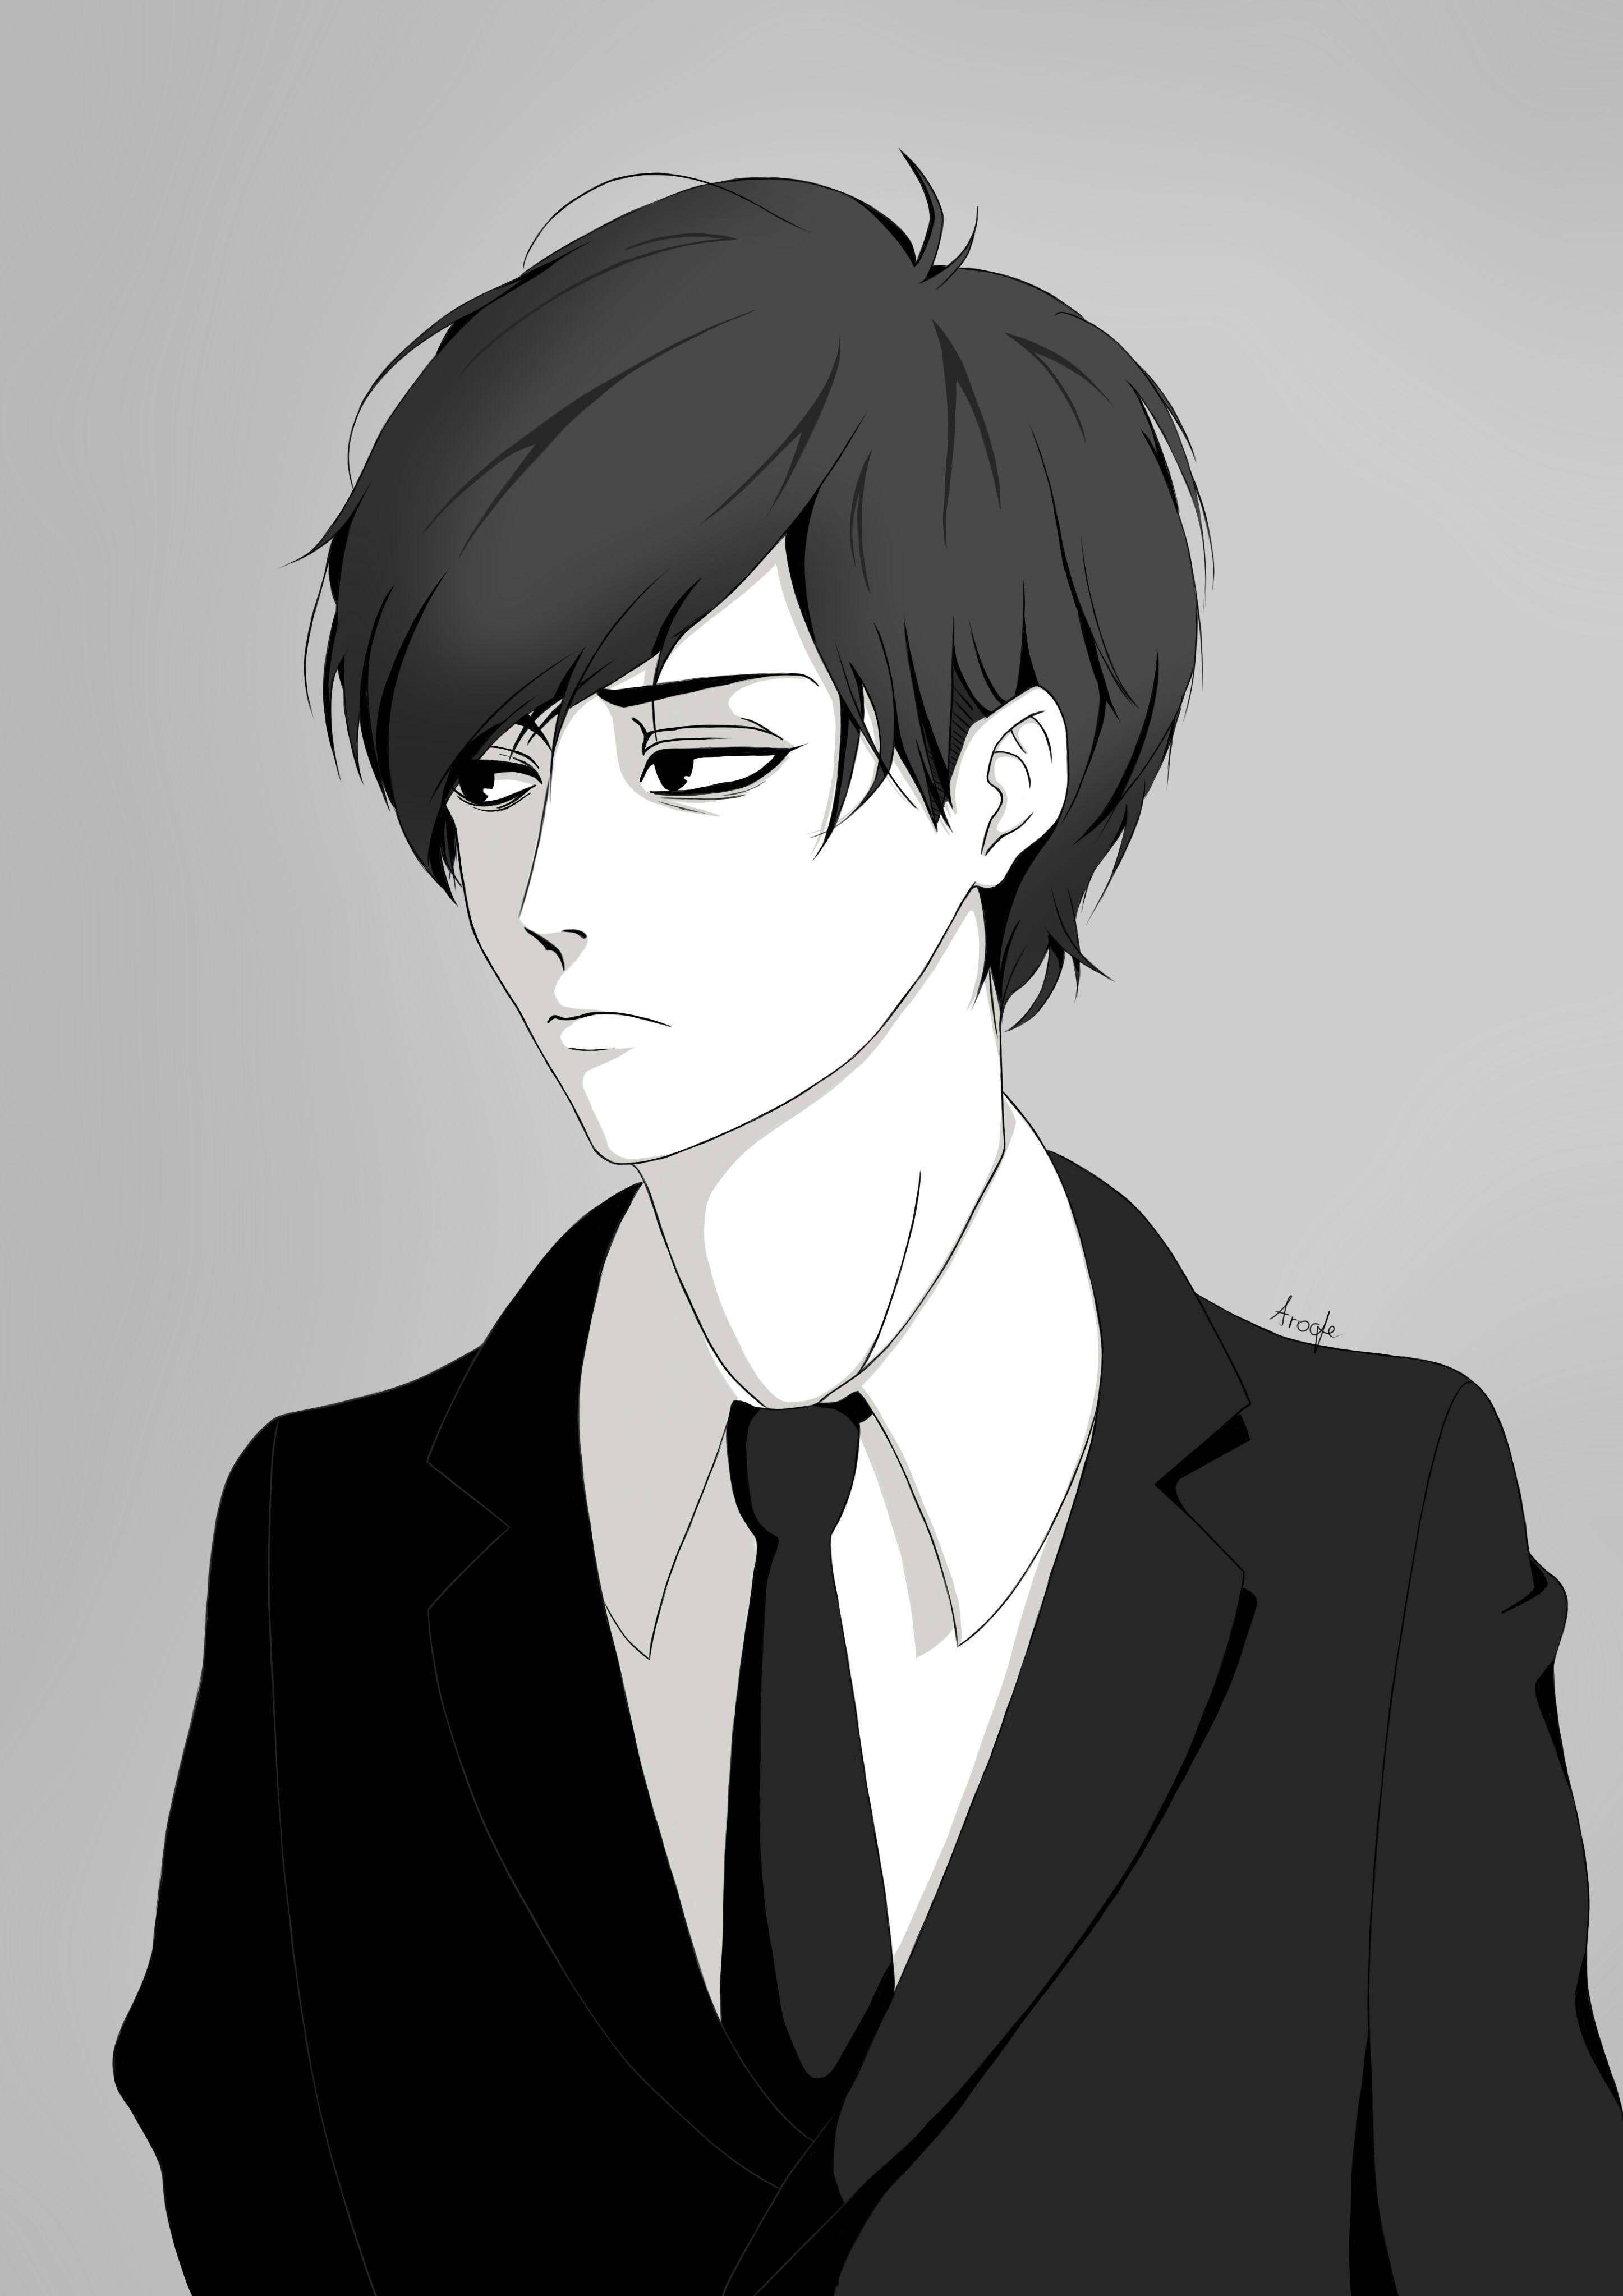 dude_in_suit.jpg